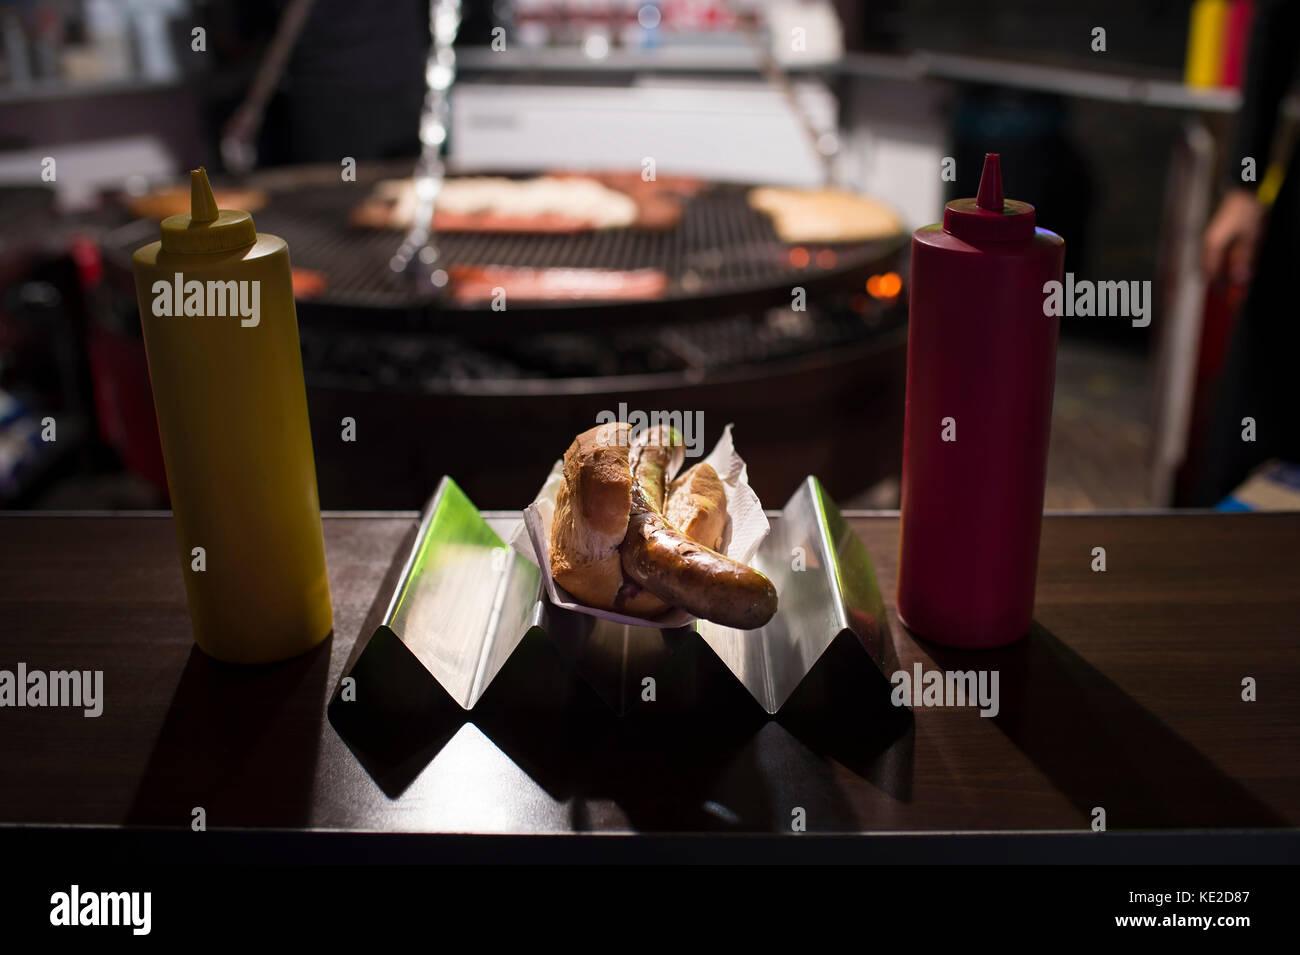 La salsiccia nel pane di sera nello stand di salsiccia Immagini Stock